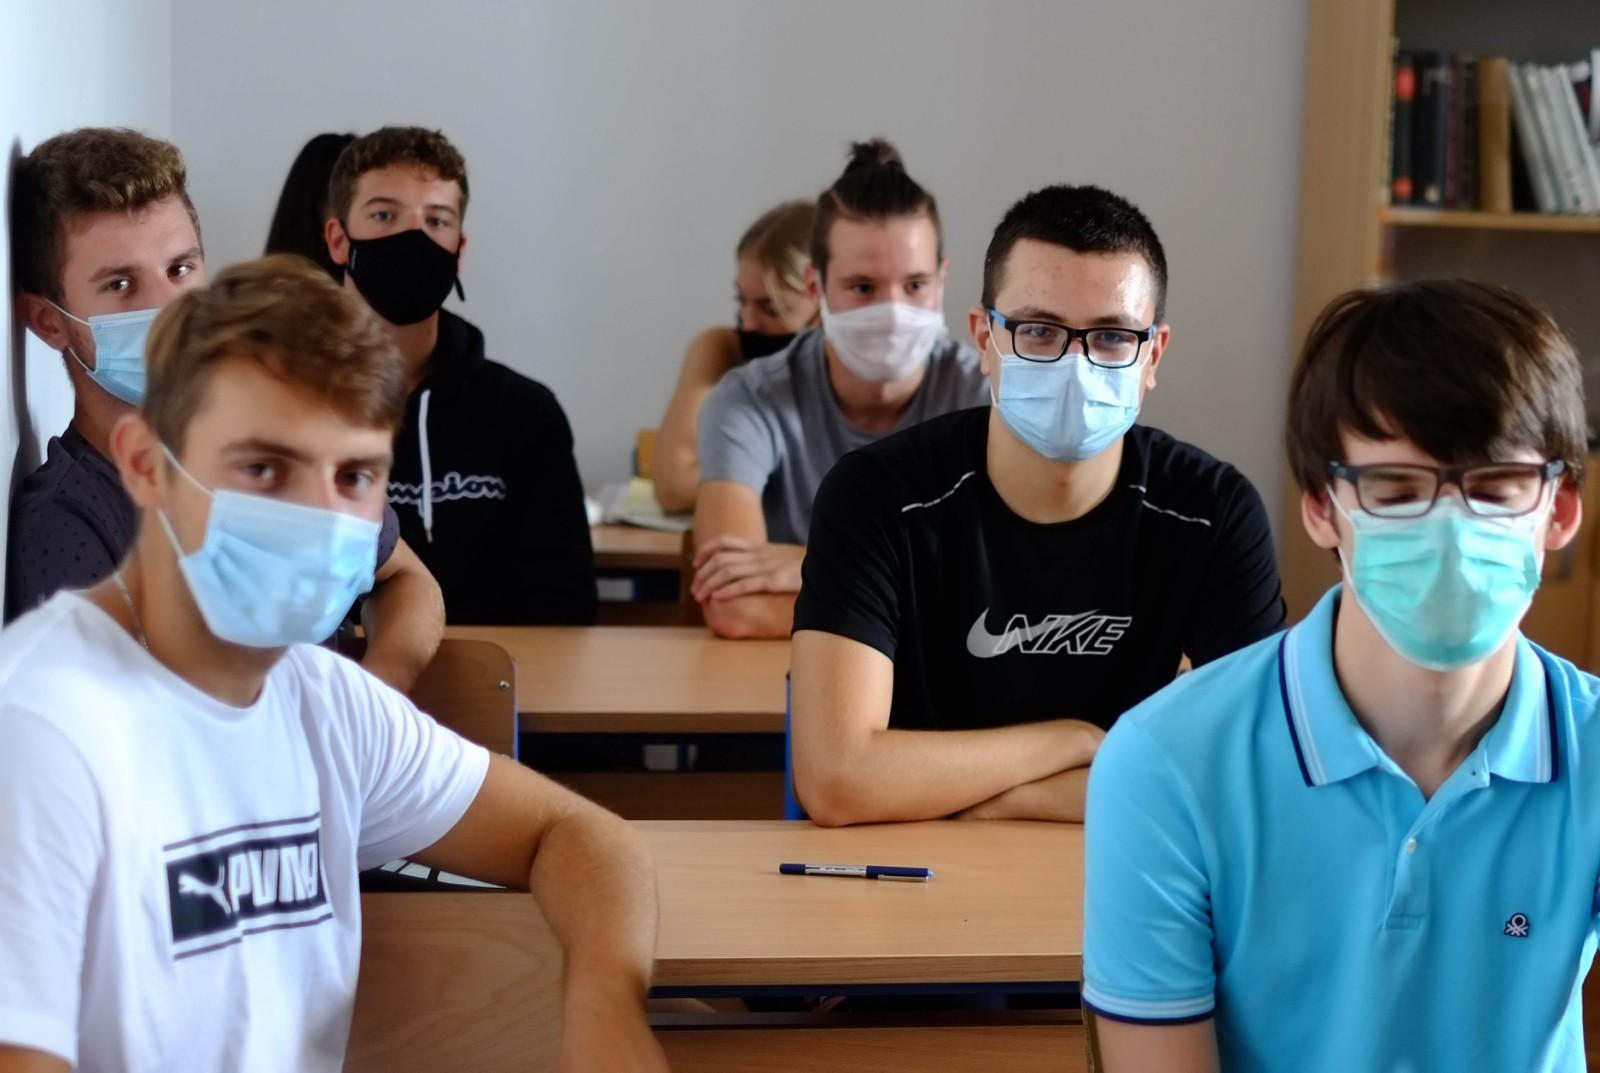 korona škola maske - Torpedo.media